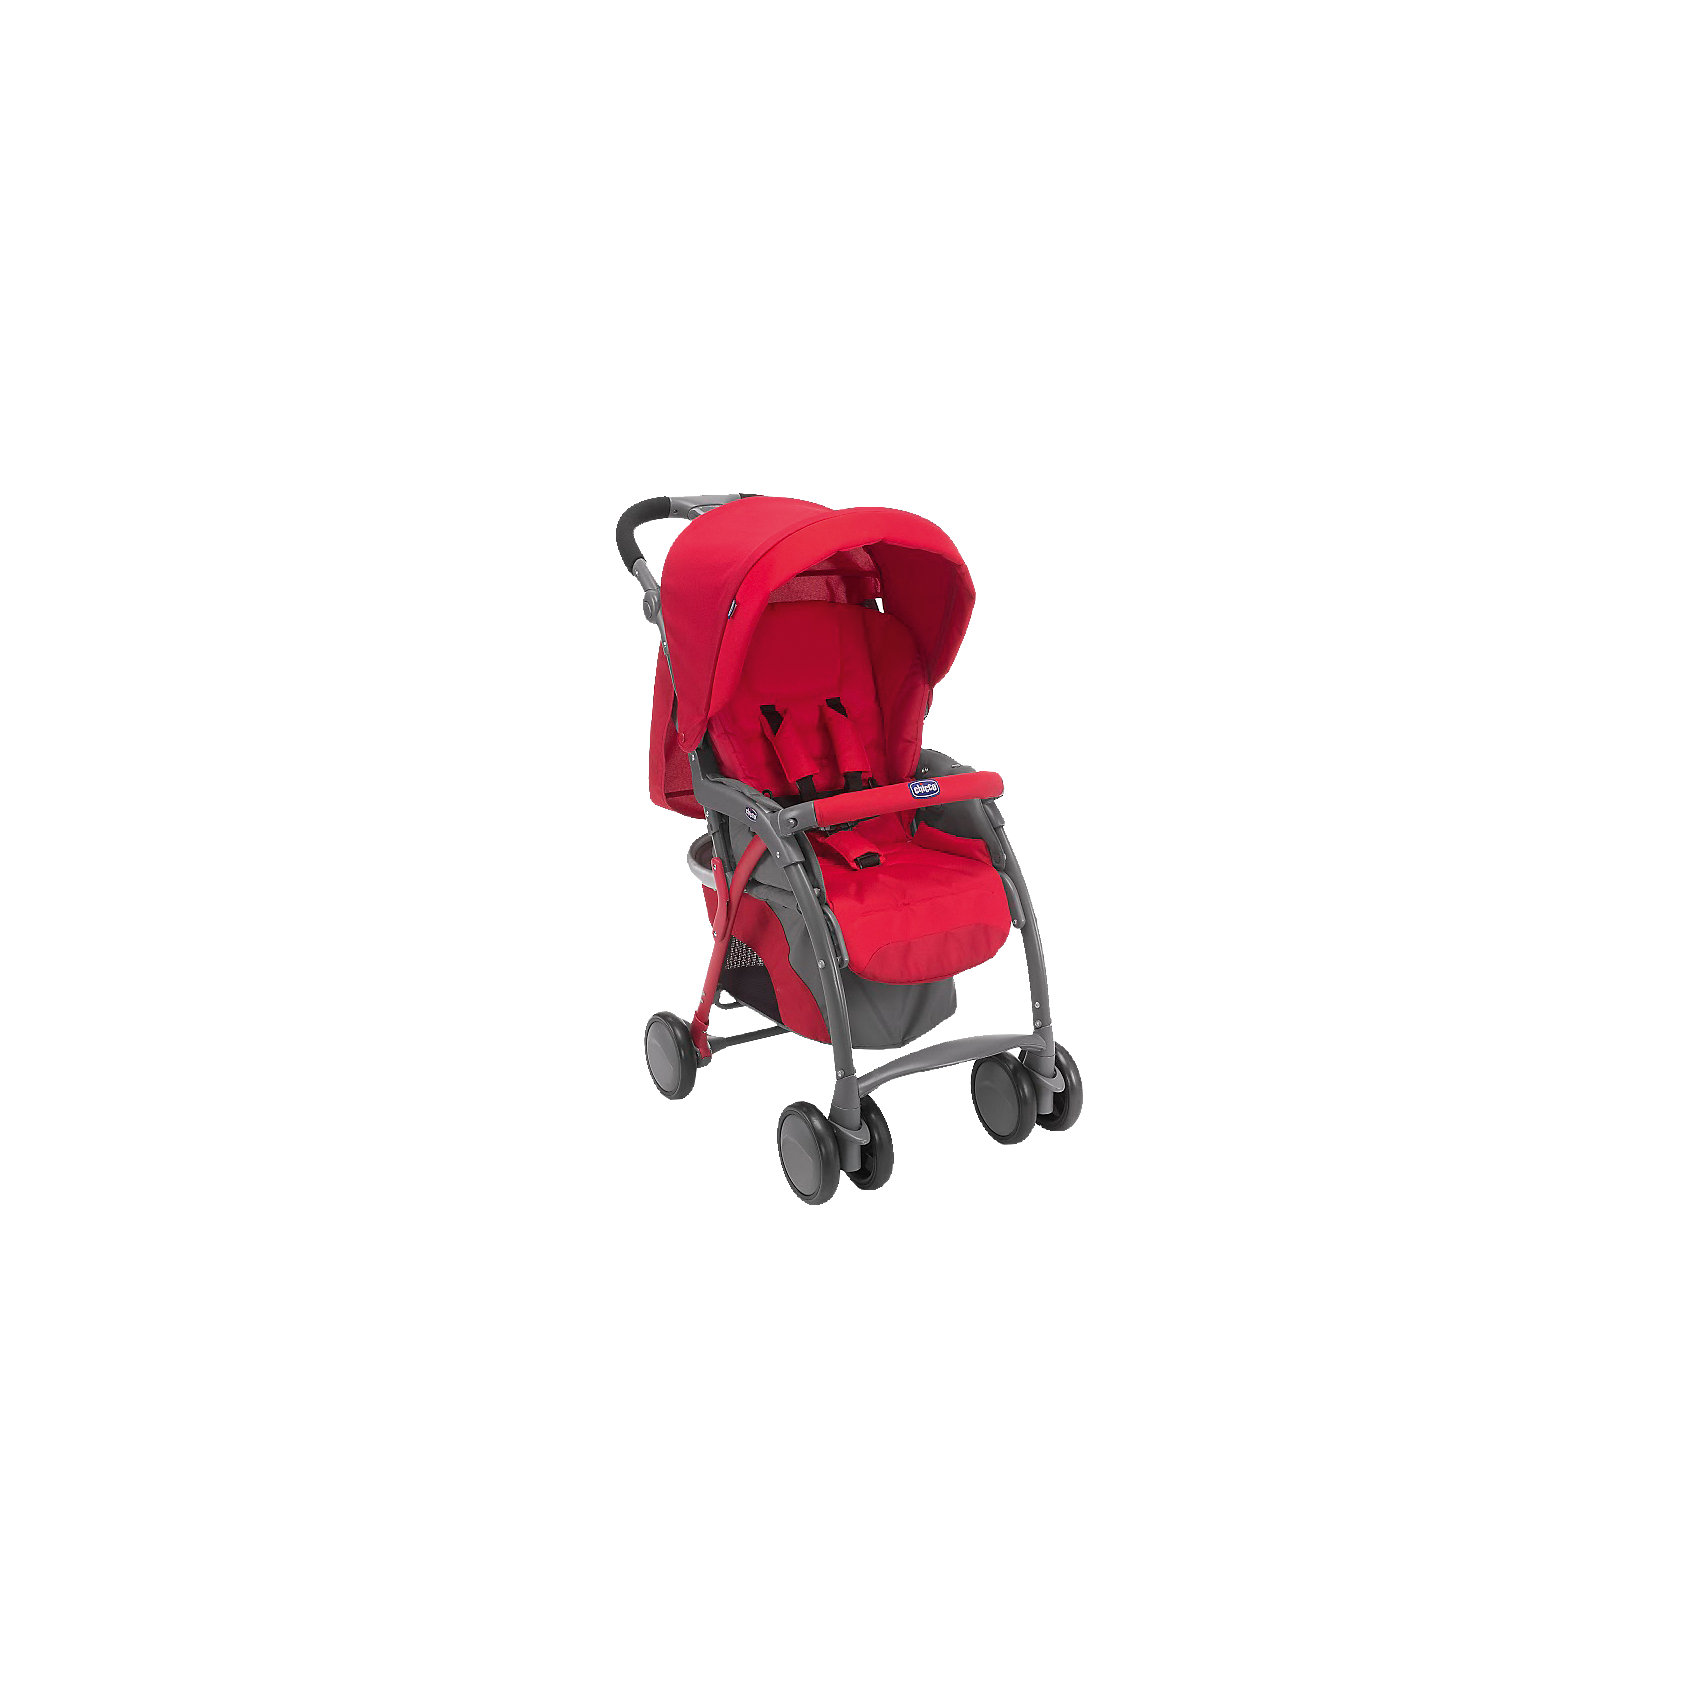 Прогулочная коляска Simplycity Plus Top, Chicco, красныйПрогулочная коляска Simplycity Plus Top, Chicco - легкая современная прогулочная коляска, которая отвечает всем требованиям комфорта и безопасности малыша. Практичная и легкая в использовании, она идеально подходит для городской жизни. Коляска оснащена широким сиденьем из мягкой ткани с 5-точечными ремнями безопасности и мягким съемным бампером. Спинка раскладывается в 5 различных положениях, вплоть до горизонтального. Регулируемая подножка обеспечивает малышу правильную осанку. Складной капюшон с прозрачным окошком сзади защитит от солнца и дождя. Для родителей предусмотрена удобная, регулируемая по высоте ручка с антискользящим покрытием и вместительная корзина для принадлежностей малыша. <br><br>Коляска оснащена 4 колесами с пластиковым ободом, передние - сдвоенные, поворотные с возможностью фиксации. Коляска легко и компактно складывается одной рукой, что позволяет использовать ее во время поездок и путешествий, имеется ручка для транспортировки в сложенном состоянии. Оснащена креплением для установки автомобильного кресла группы 0+ Key Fit. Обивку можно снимать и стирать при t 30 градусов. <br><br>Особенности:<br><br>- удобна для транспортировки и хранения;<br>- прочная легкая алюминиевая рама;<br>- эргономичное прогулочное сиденье;<br>- регулируемый в 4 положениях наклон спинки;<br>- съемный бампер;<br>- большой складной капюшон с окошком;<br>- корзина для вещей ребенка;<br>- дождевик;<br>- накидка на ноги;<br>- сумка для мамы;<br>- легко, одной рукой складывается тростью.<br><br>Дополнительная информация:<br><br>- Цвет: красный.<br>- Материал: текстиль, металл, пластик.<br>- Диаметр колес: 16 см.<br>- Ширина шасси: 50 см.<br>- Размер сиденья: 34 х 27 см.<br>- Размер спального места: 77 х 29 см.<br>- Высота спинки: 44 см.<br>- Размер в разложенном виде: 50 x 102 x 81 см.<br>- Размер в сложенном виде: 50 х 32,5 x 85 см.<br>- Размер упаковки: 43,5 х 30 х 64 см.<br>- Вес: 9,03 кг.<br><br>Прогулочную коляску 